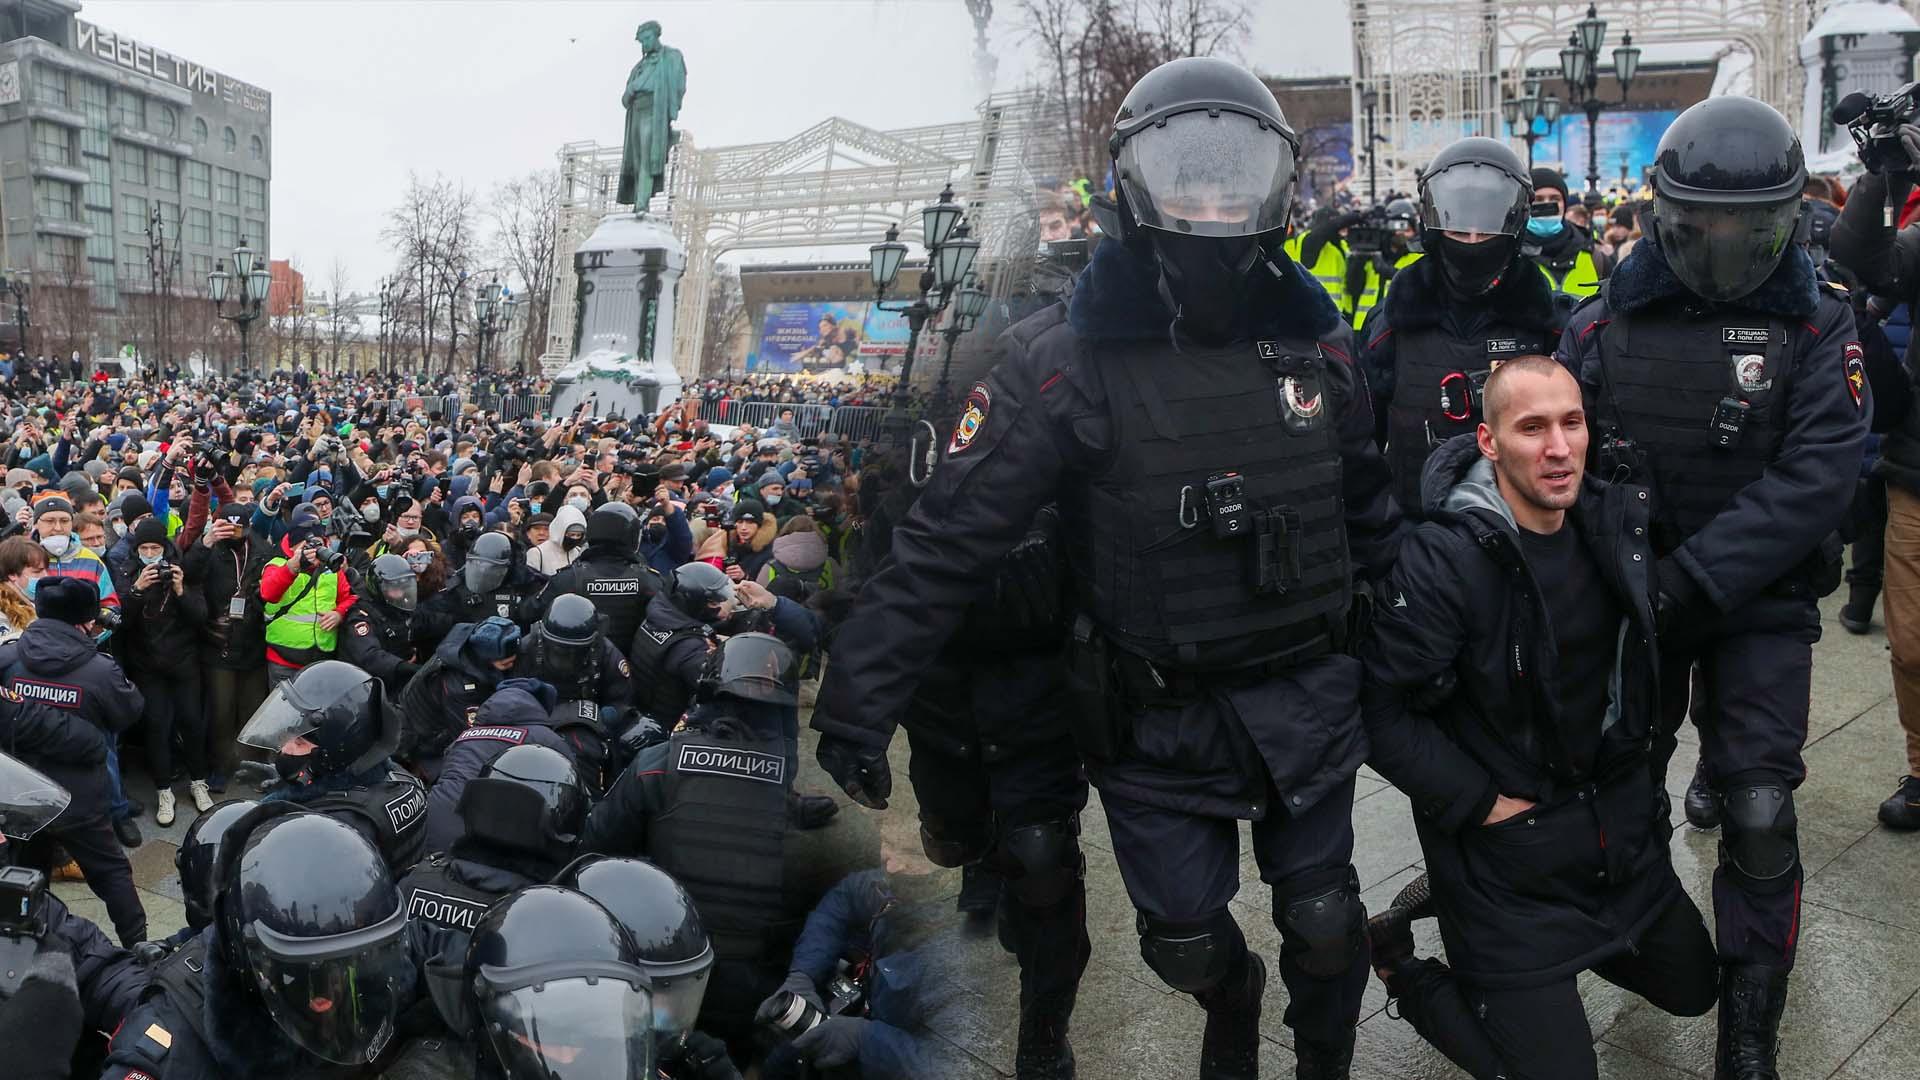 러시아 전역서 '푸틴 정적' 나발니 석방 요구 시위